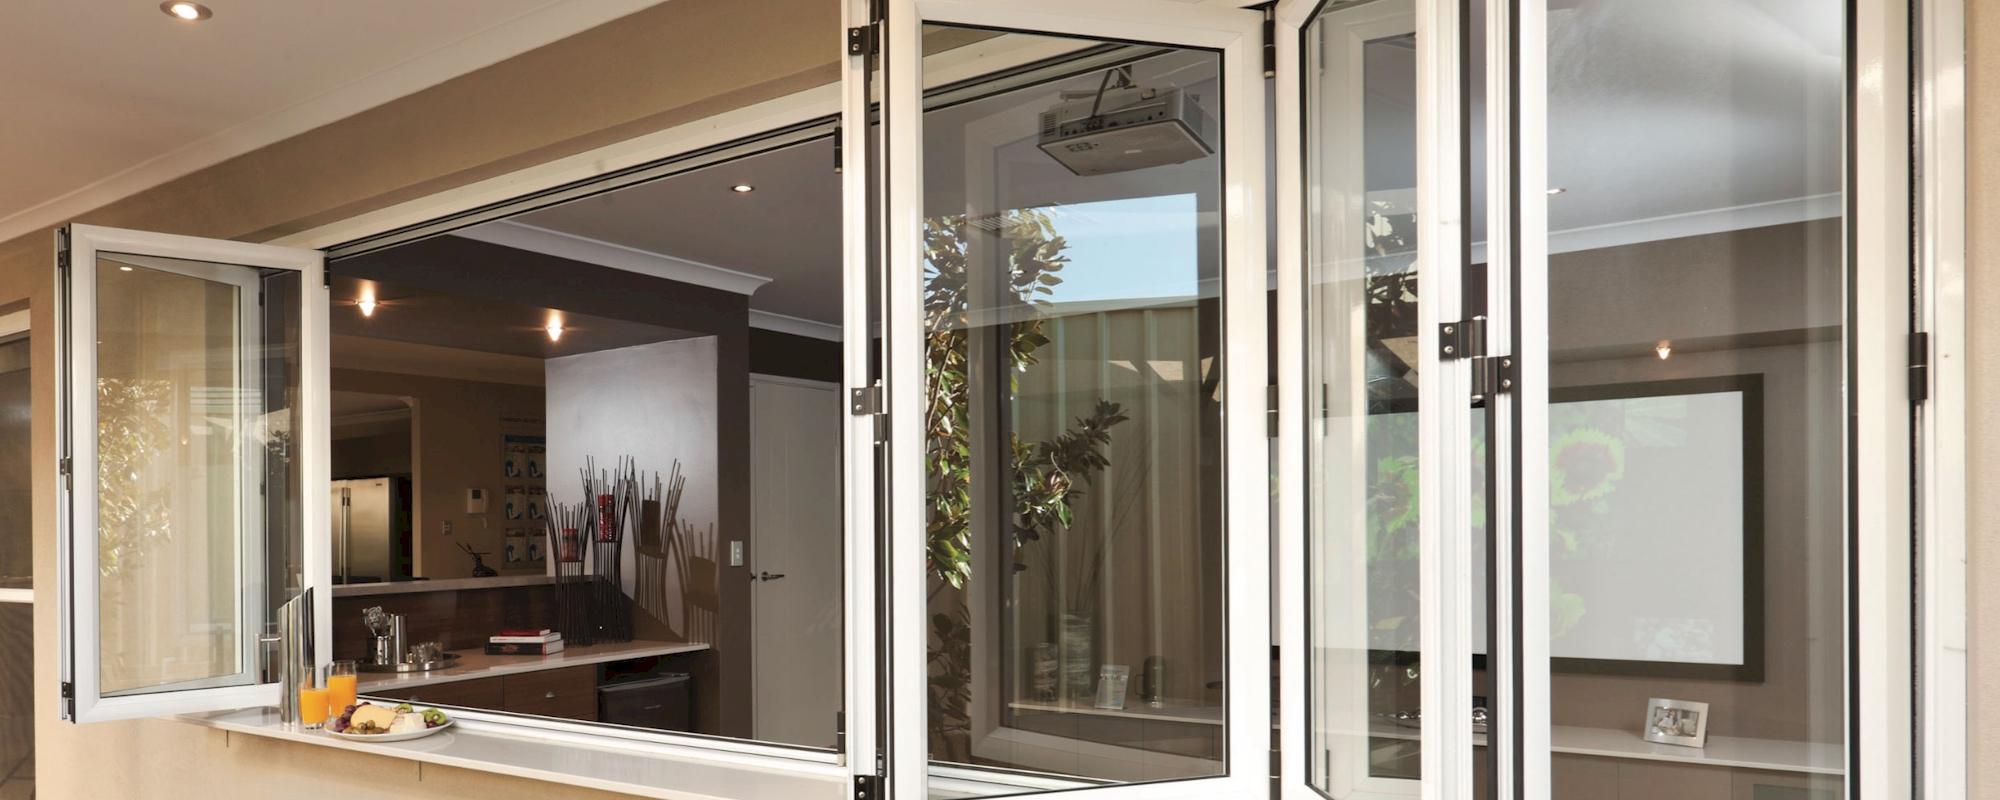 """ventanas de aluminio abatibles, ventanas de aluminio plegables,  ventanas de aluminio oscilobatientes, ventanas de aluminio osciloparalelas, precios ventanas de aluminio abatibles, precios ventanas de aluminio plegables,  precios ventanas de aluminio oscilobatientes, precios ventanas de aluminio osciloparalelas, presupuesto ventanas de aluminio, presupuesto ventanas de aluminio, presupuesto instalar ventanas de aluminio, presupuesto cambiar ventanas de aluminio"""" title=""""ventanas de aluminio abatibles, ventanas de aluminio plegables,  ventanas de aluminio oscilobatientes, ventanas de aluminio osciloparalelas, precios ventanas de aluminio abatibles, precios ventanas de aluminio plegables,  precios ventanas de aluminio oscilobatientes, precios ventanas de aluminio osciloparalelas, presupuesto ventanas de aluminio, presupuesto ventanas de aluminio, presupuesto instalar ventanas de aluminio, presupuesto cambiar ventanas de aluminio"""